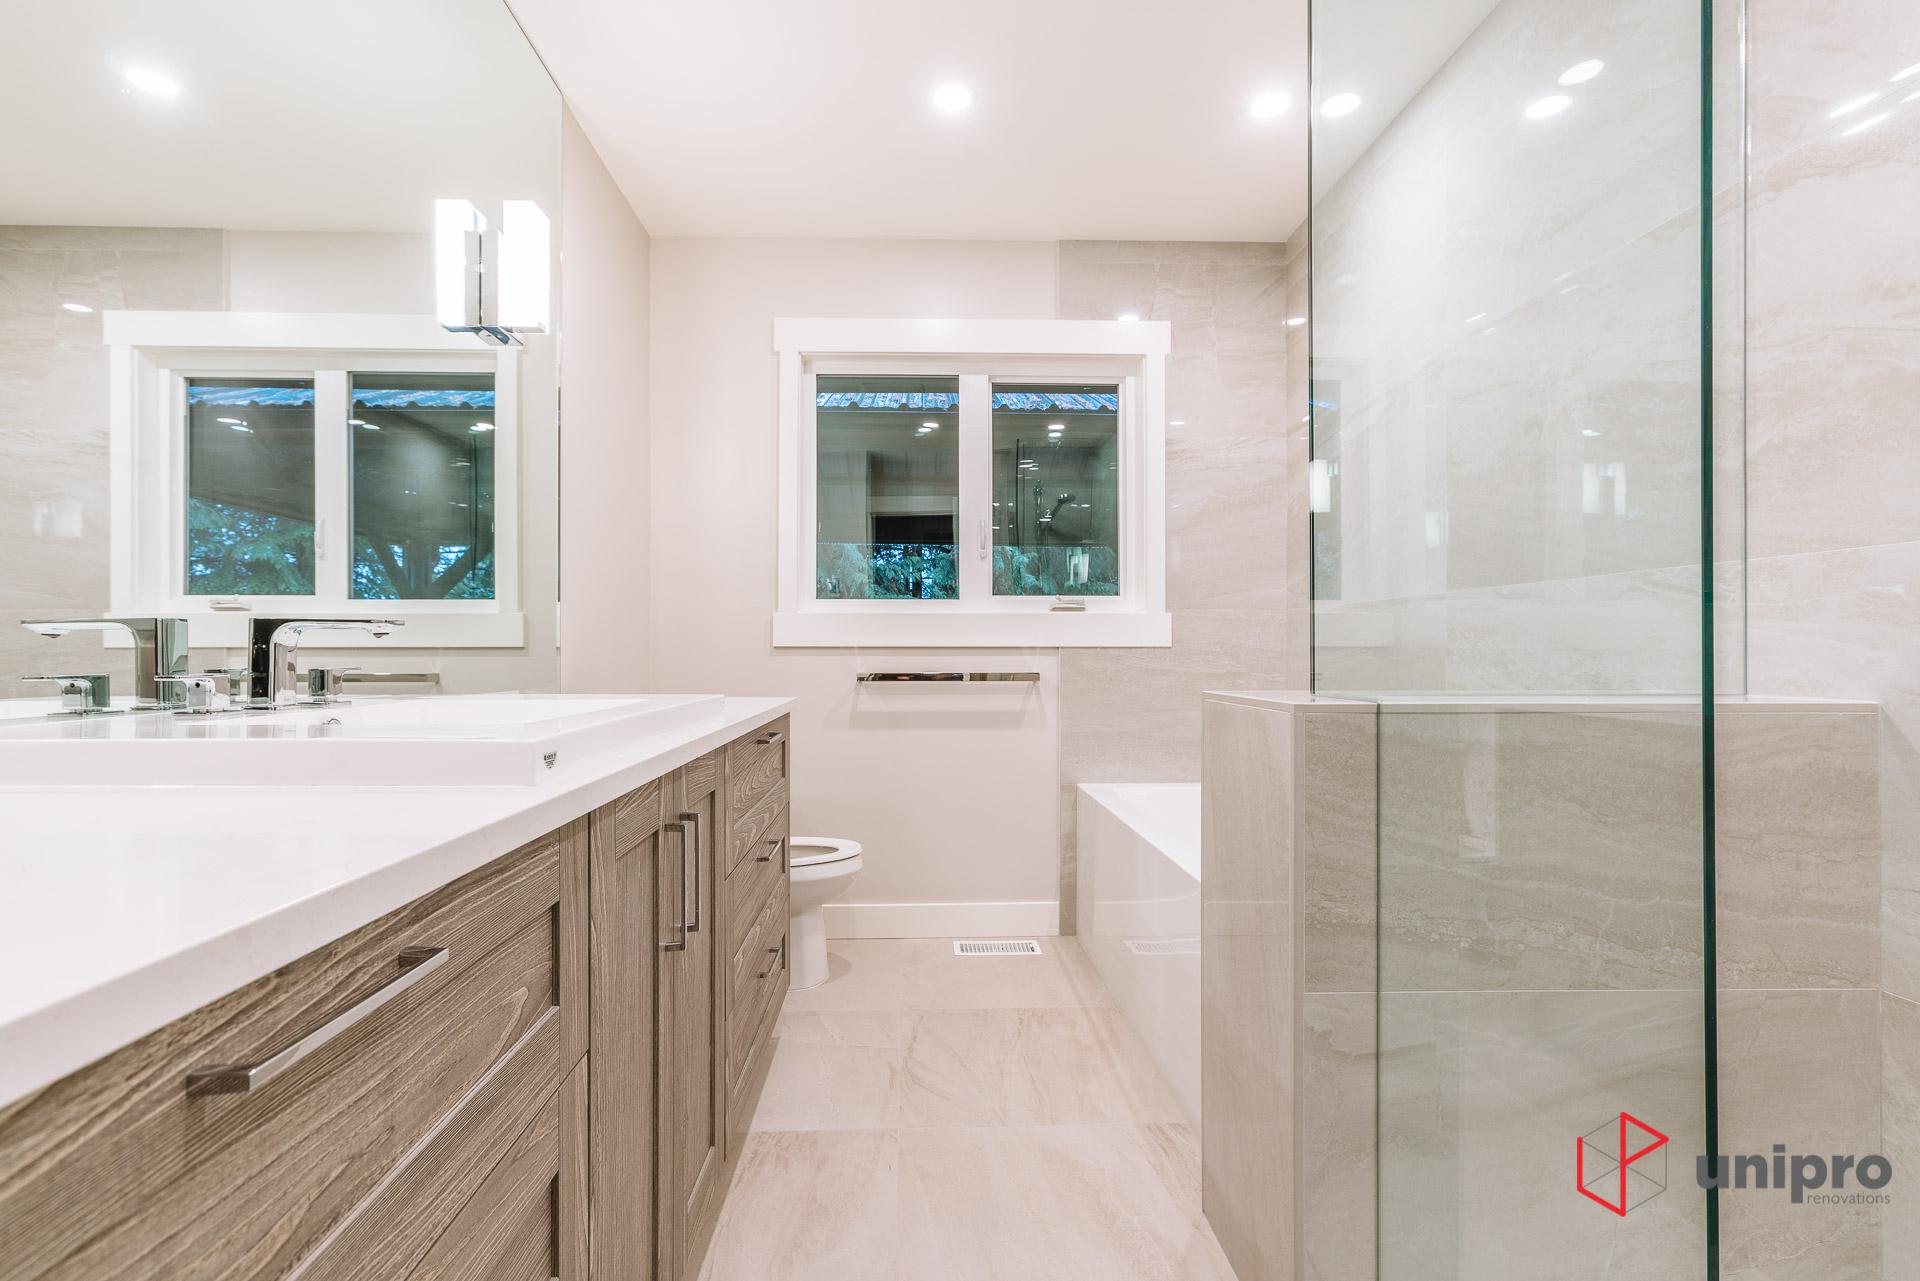 north-vancouver-bathroom-renovation-6